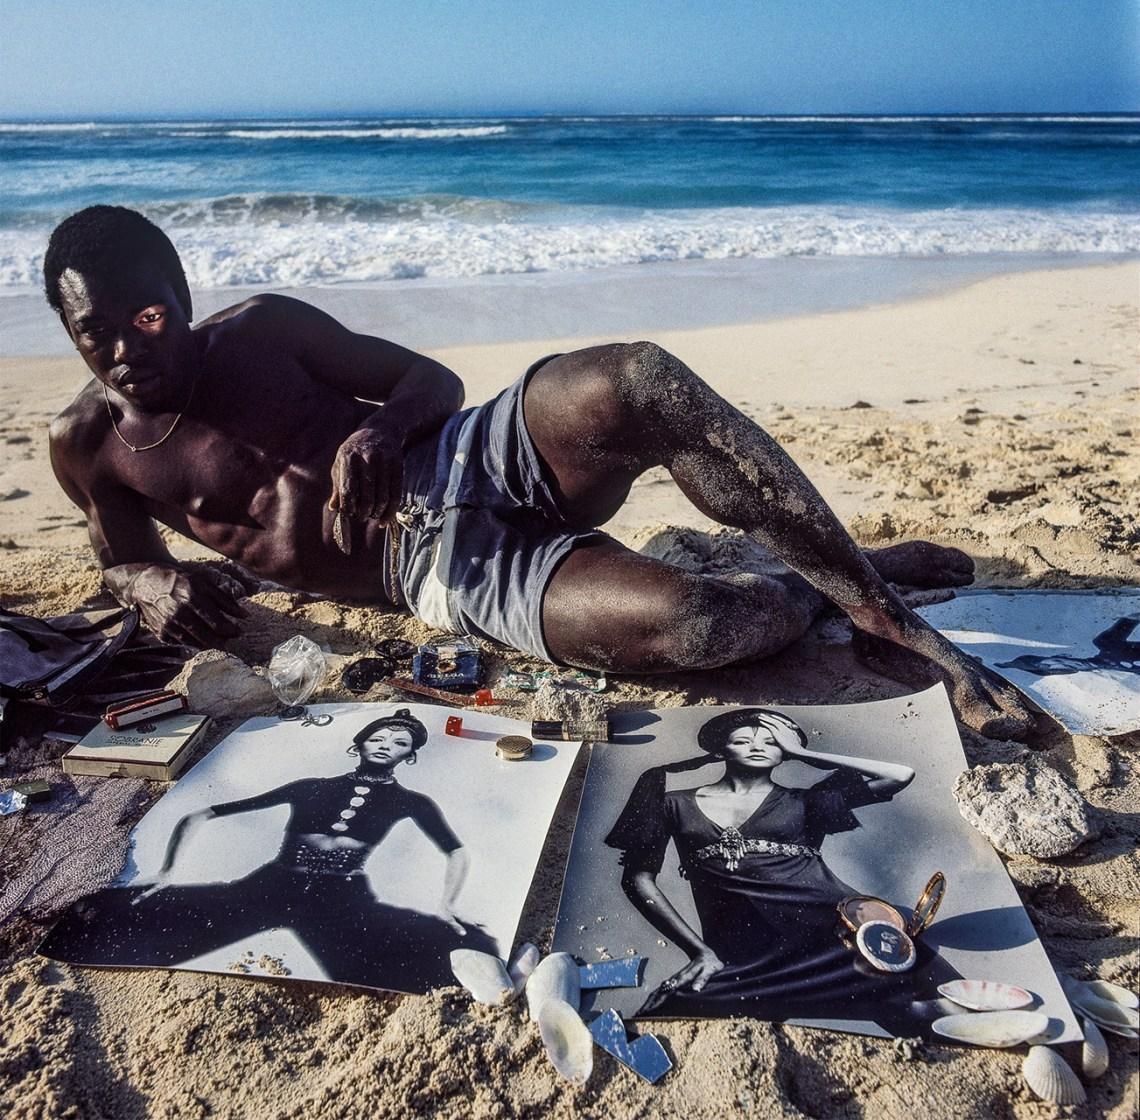 Clive_Arrowsmith.Cathy-beach-Bahamas.067.jpg